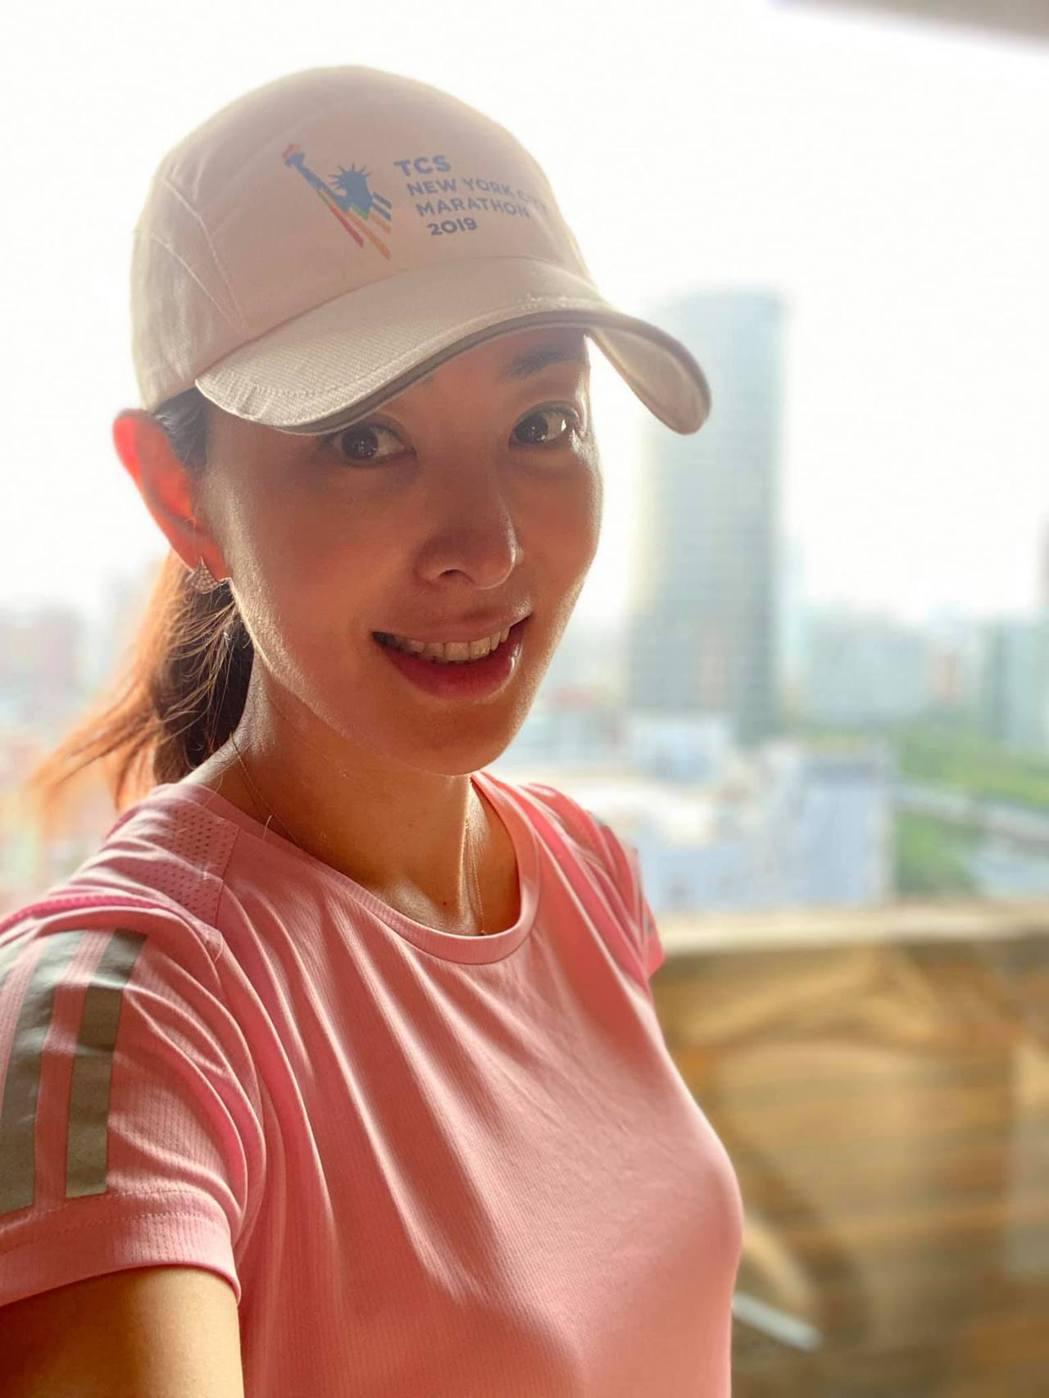 賈永婕的義行感動無數網友。圖/摘自臉書